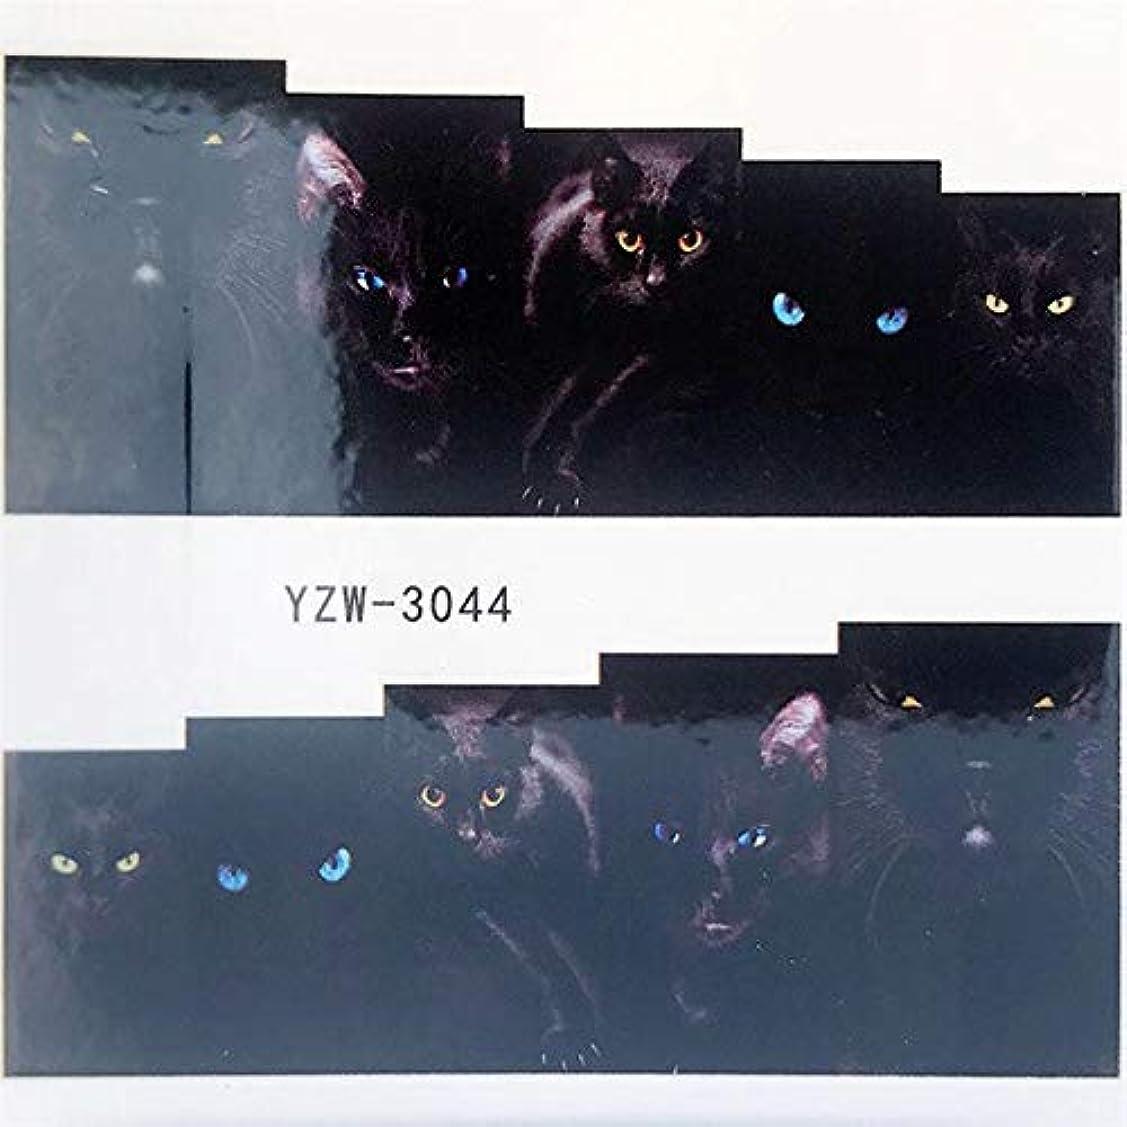 ポンペイボイラー健全SUKTI&XIAO ネイルステッカー 1枚のDIY水転写ネイルアートステッカーカラフルな紫色の花ネイルステッカーラップ